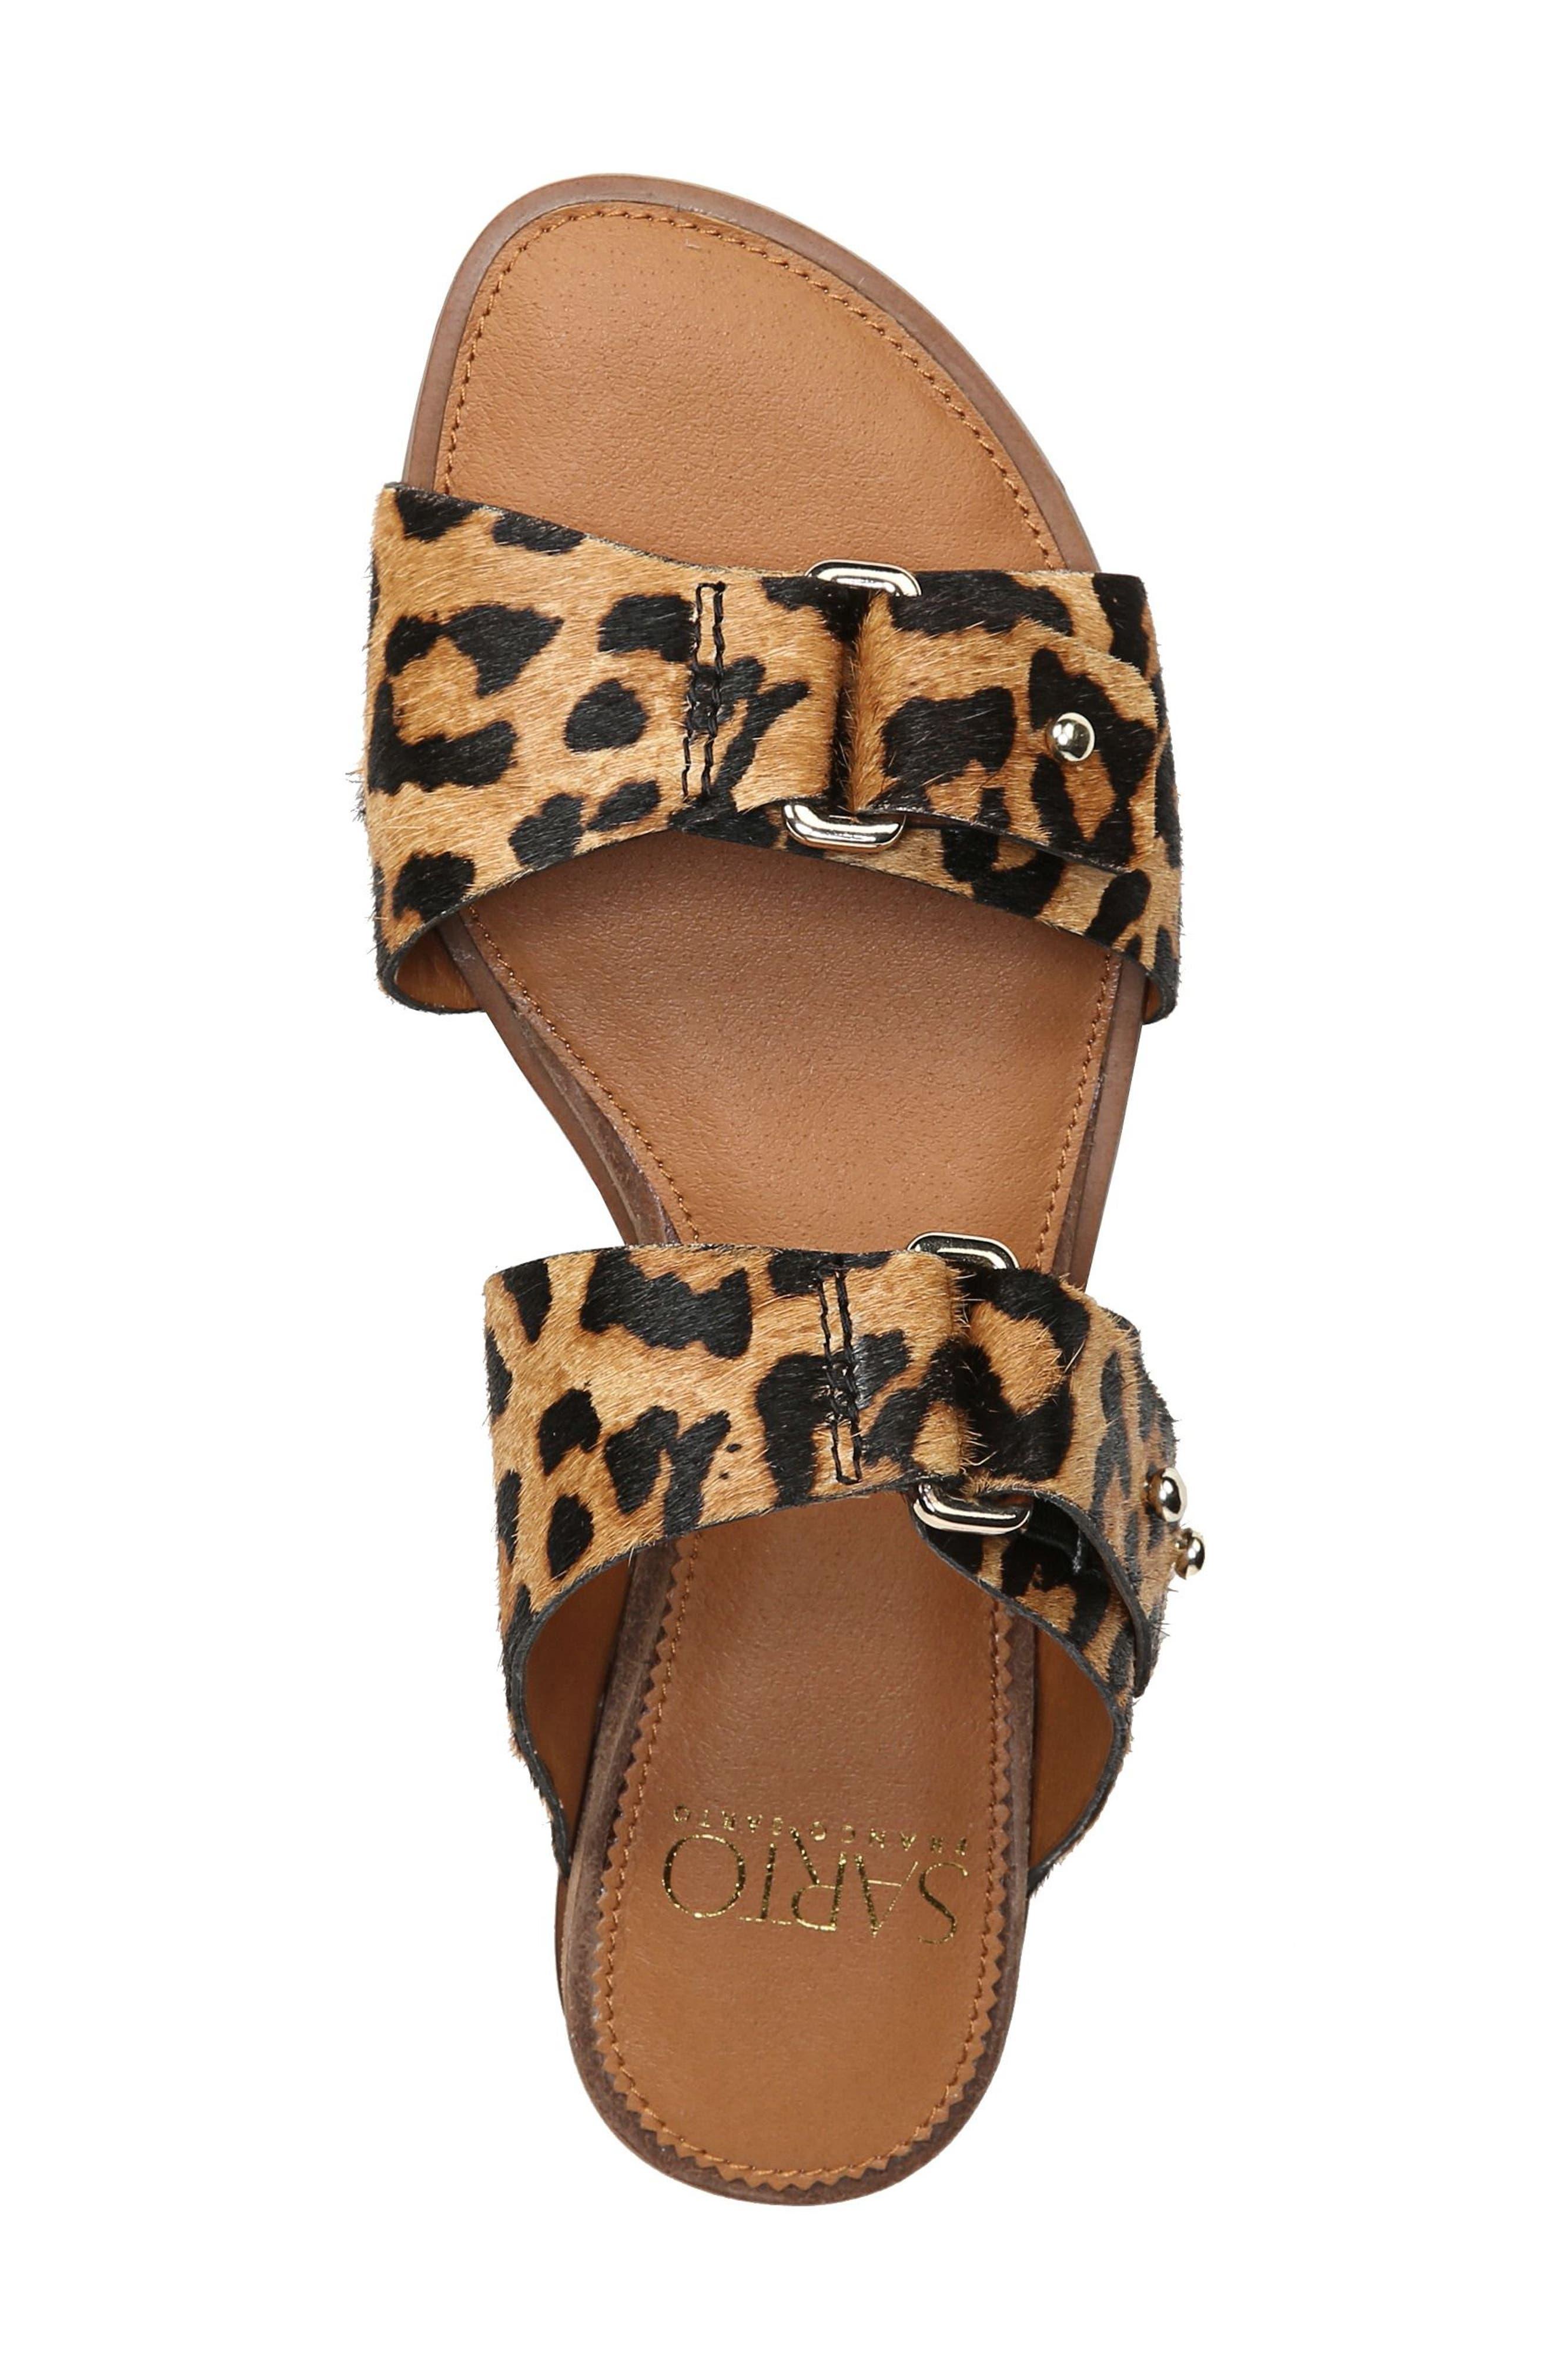 Palomino Genuine Calf Hair Sandal,                             Alternate thumbnail 23, color,